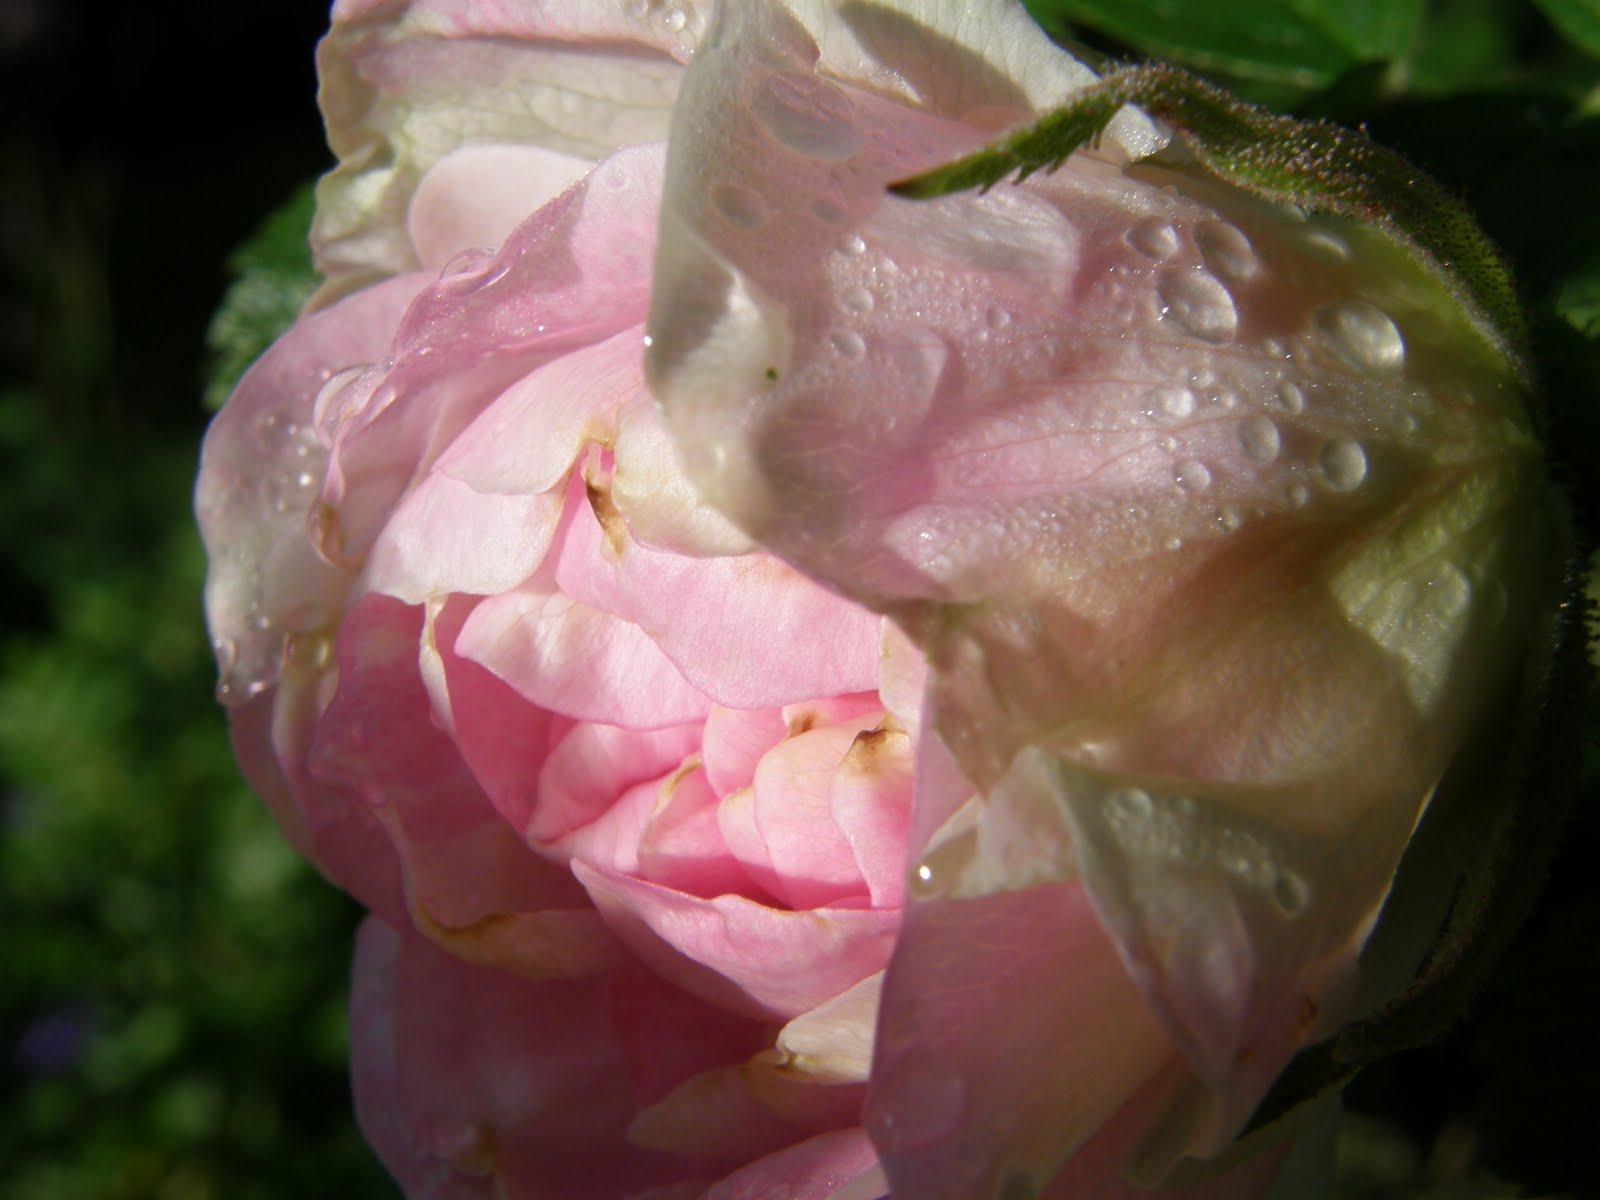 Søndags vi kom fra als var min smukke ritausma rose sprunget ud